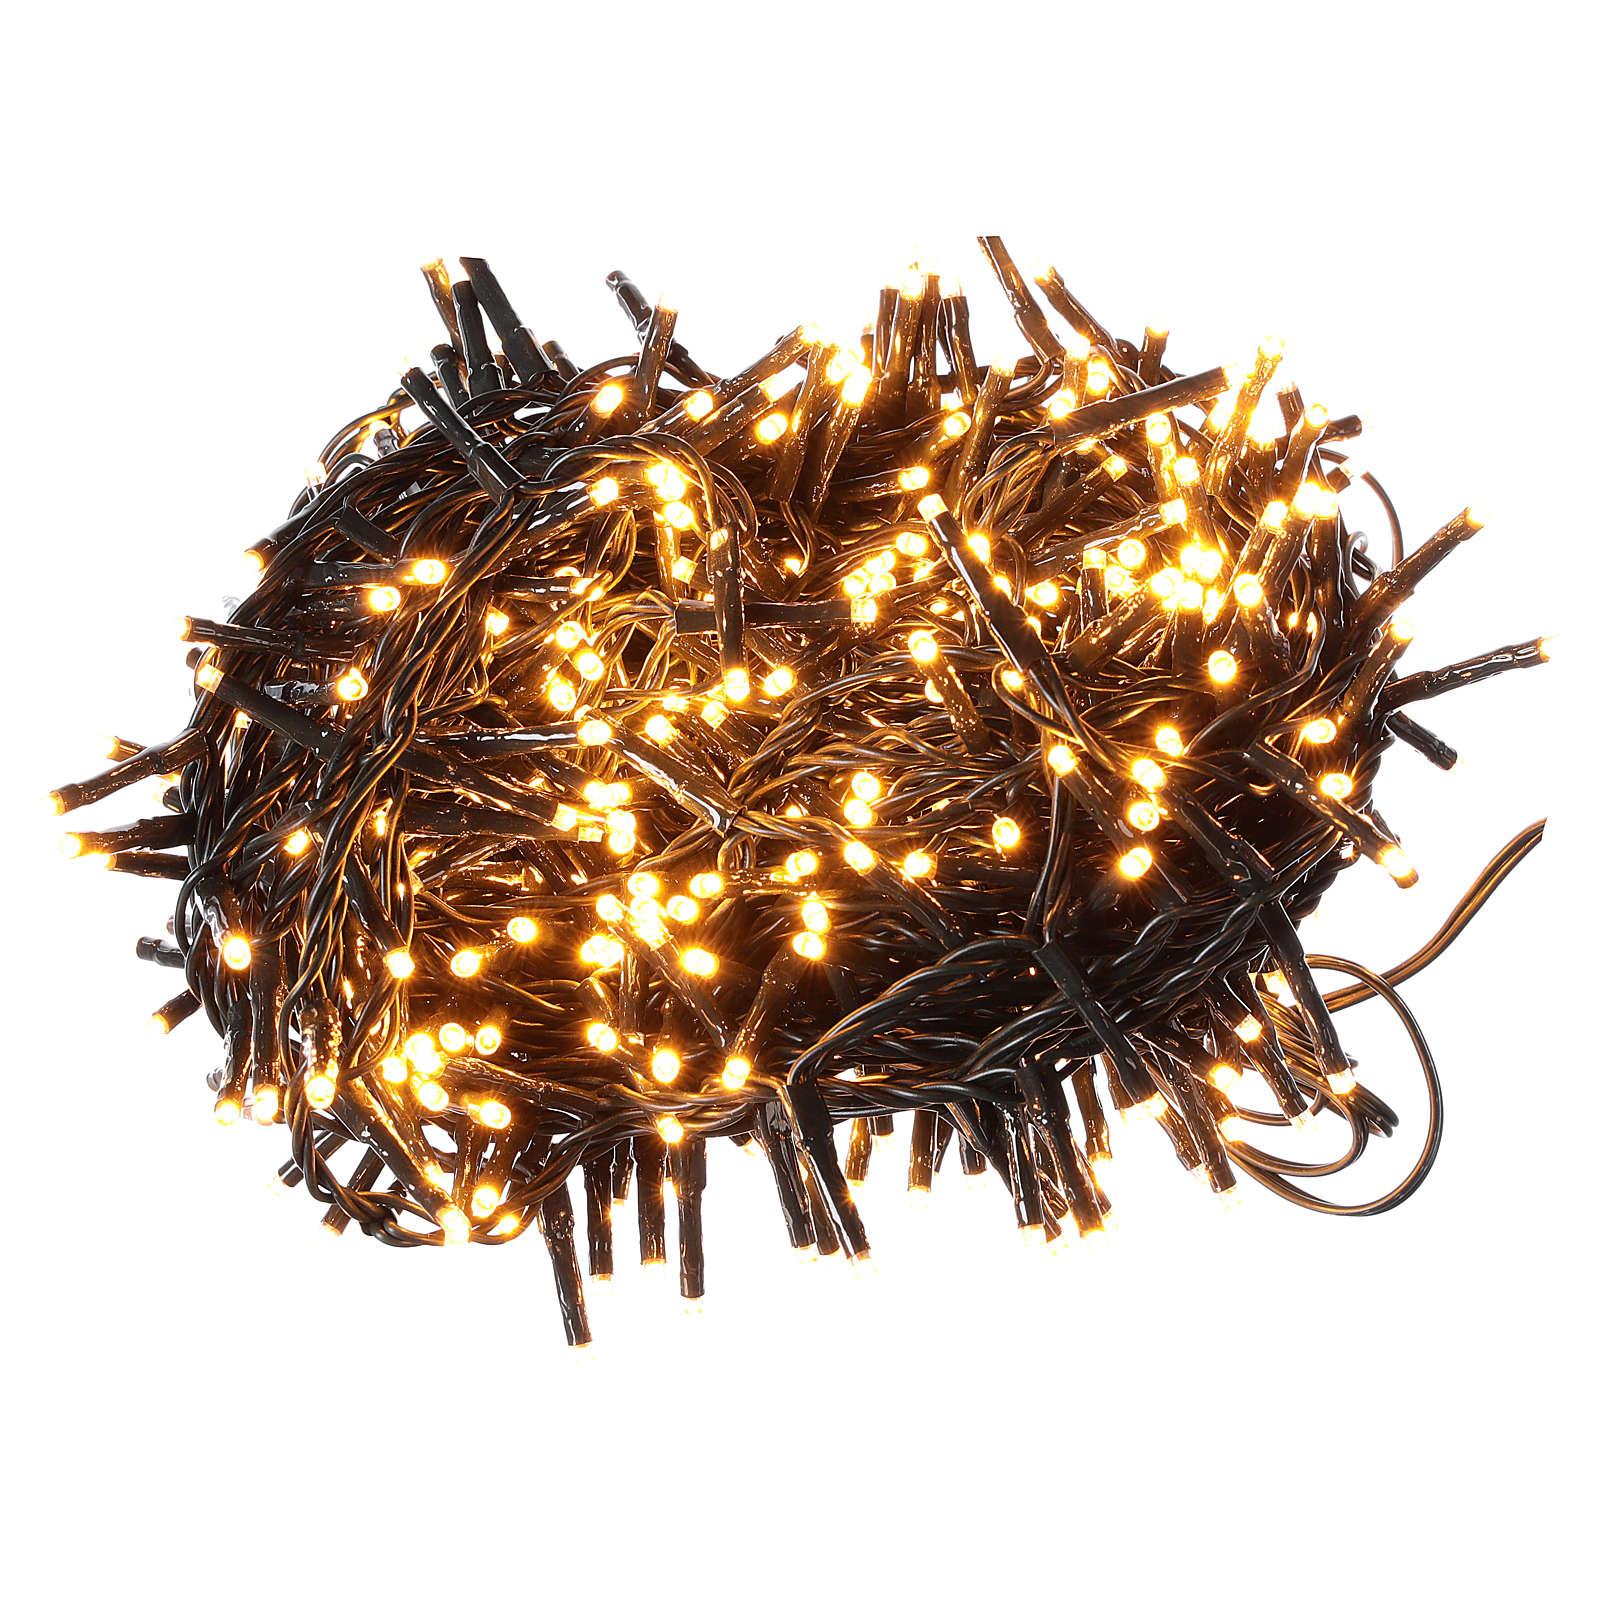 Catena luminosa 500 led bianco caldo ambrato giochi luce programmabili esterno 220V 3